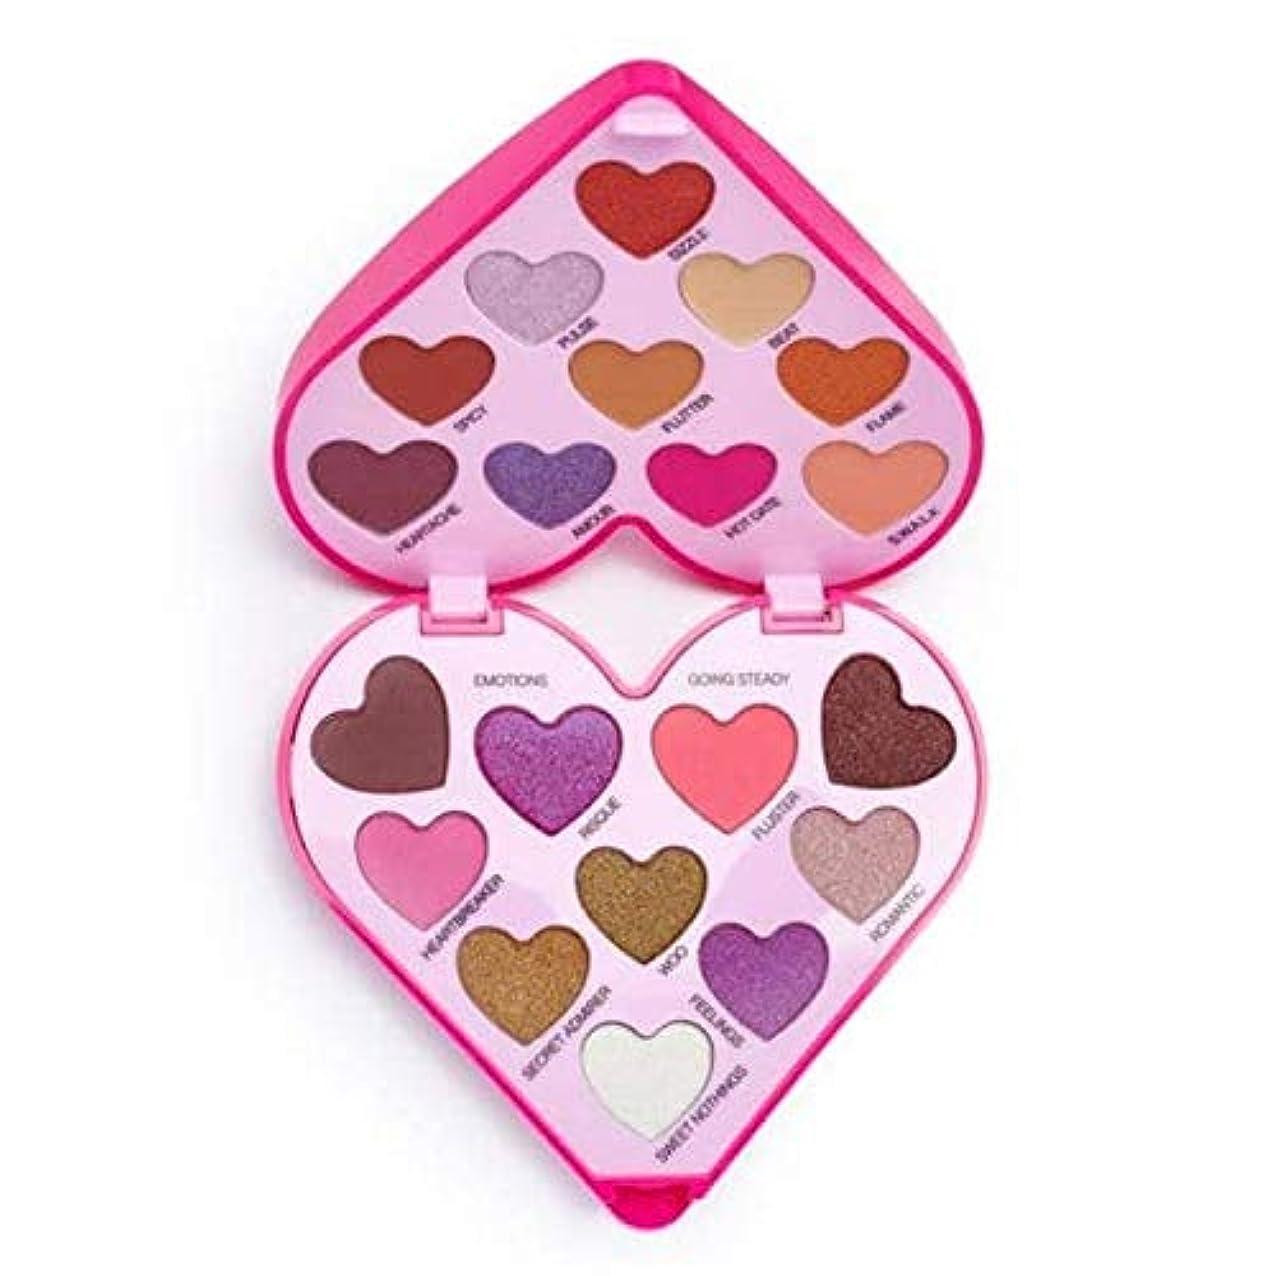 端きしむ休暇[I Heart Revolution ] 私は心の革命のハートビートアイシャドウパレット - I Heart Revolution Heartbeat Eye Shadow Palette [並行輸入品]